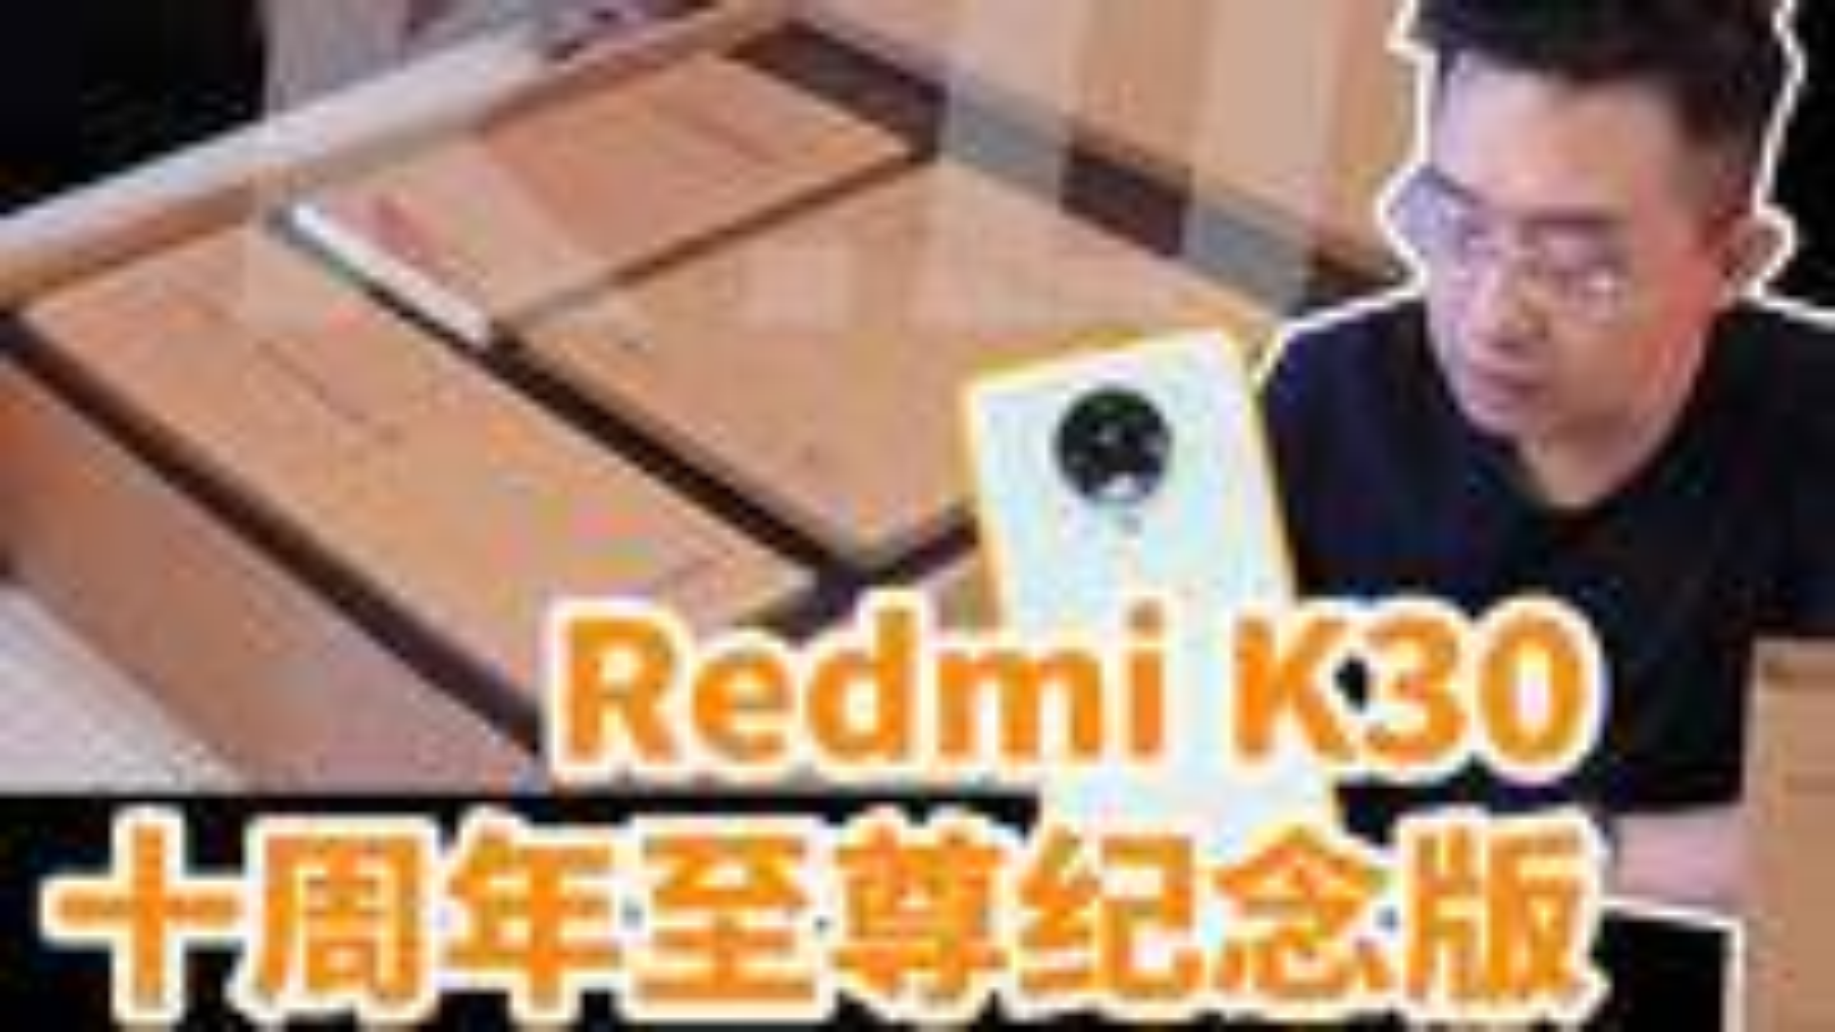 「科技美学直播」Redmi K30至尊纪念版开箱上手体验   补齐遗憾 120Hz三星E3屏幕  